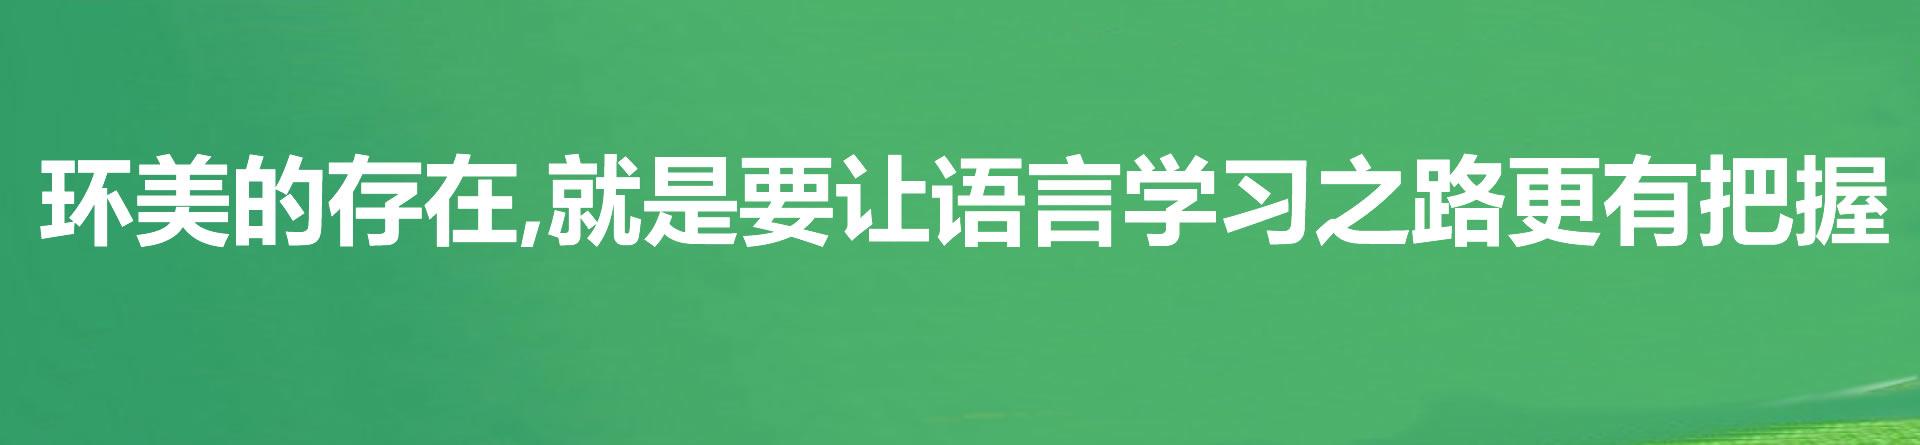 郑州环美雅思托福培训学校